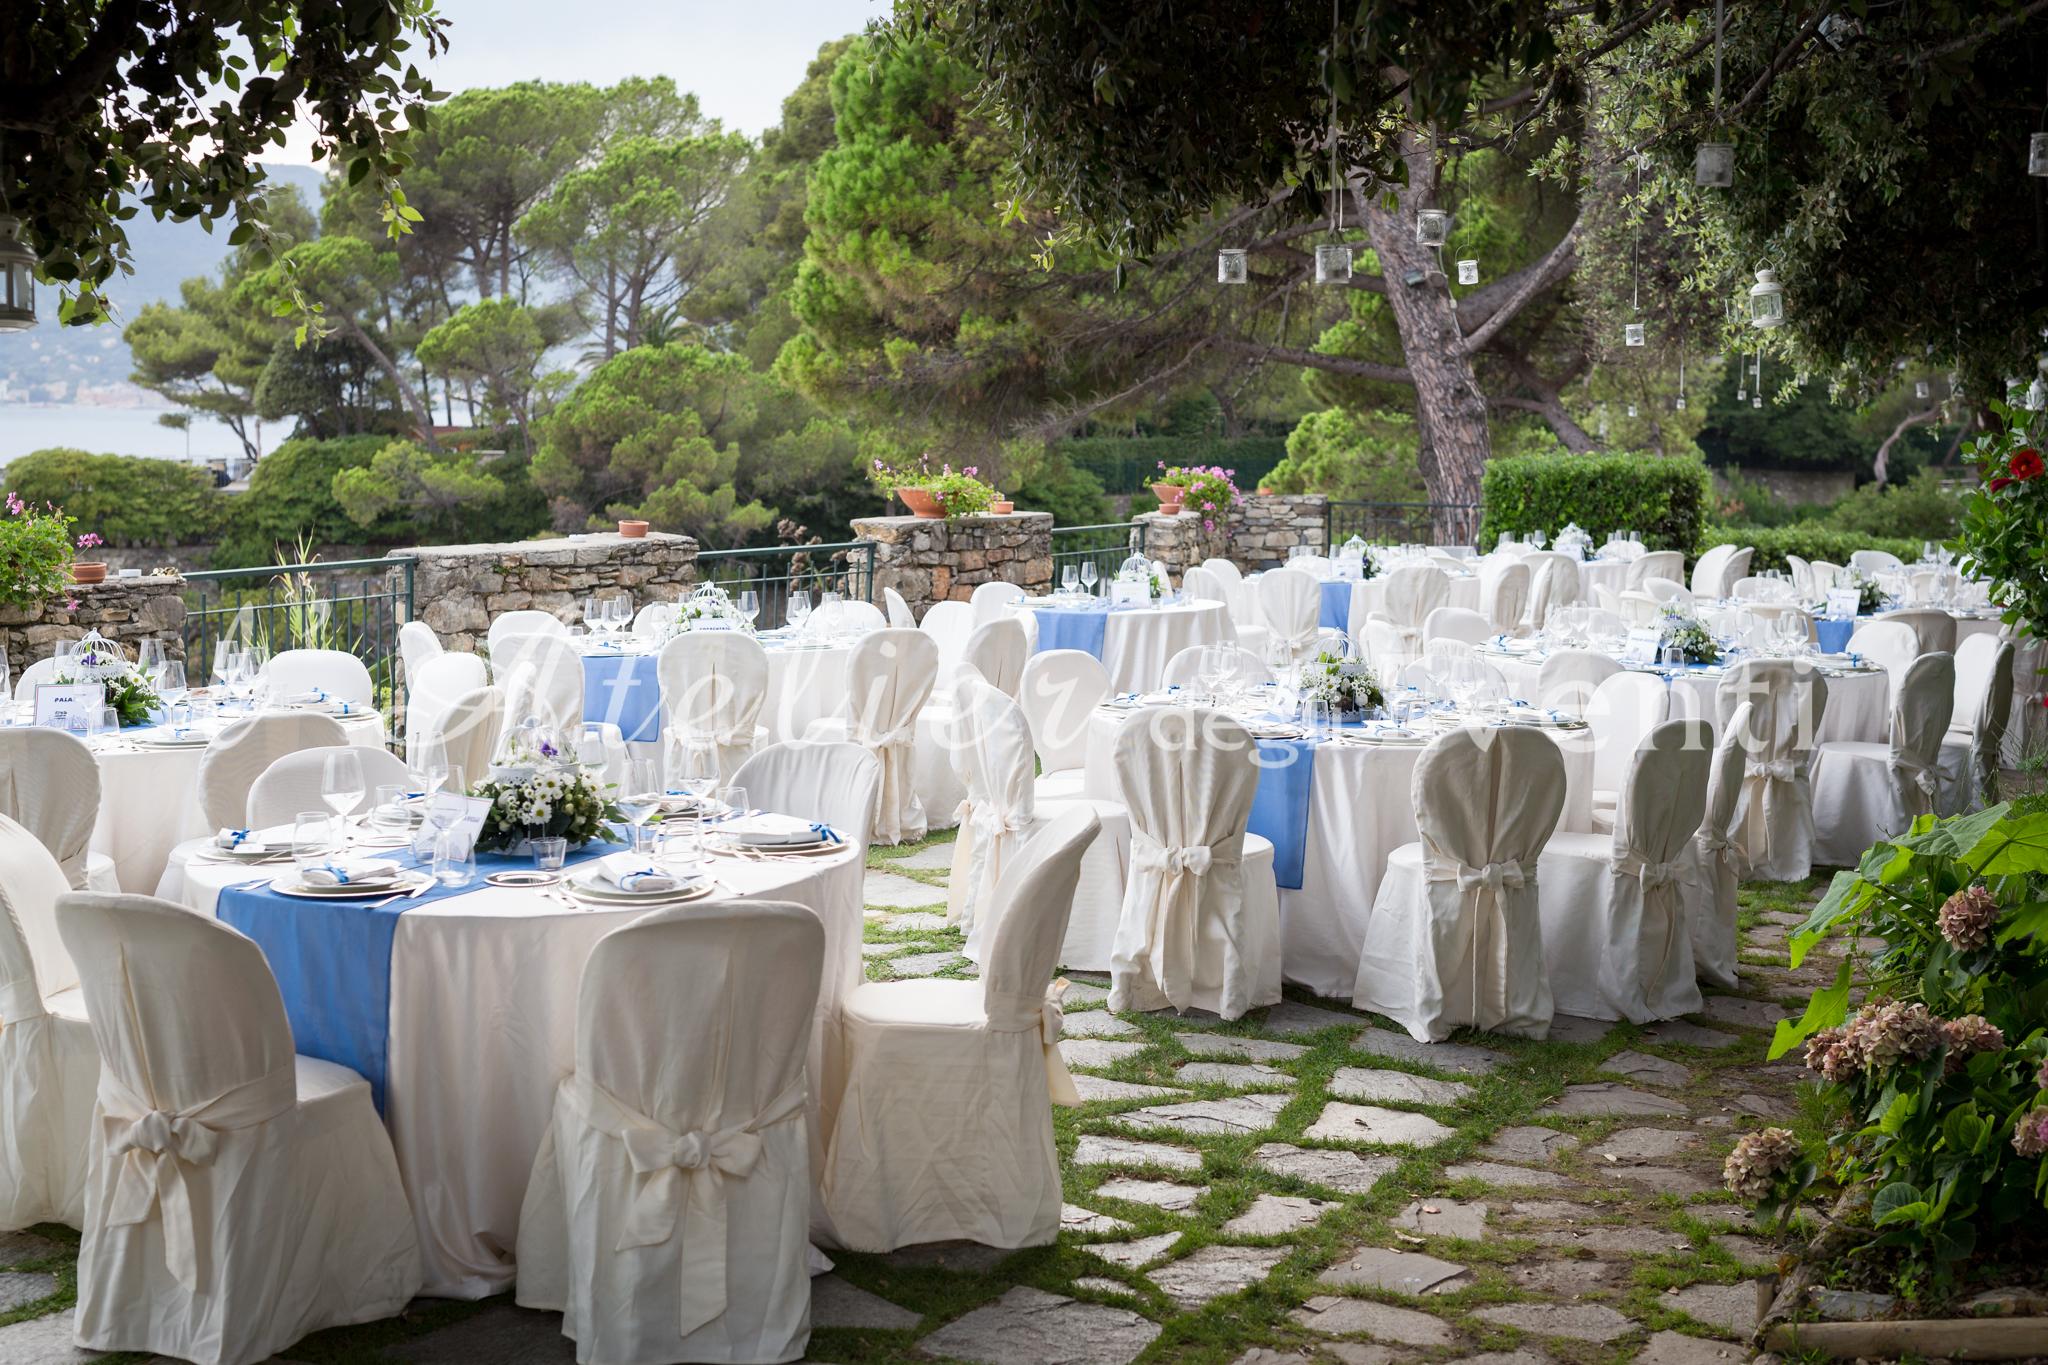 Matrimonio In Liguria : Le migliori location per matrimoni a genova l atelier